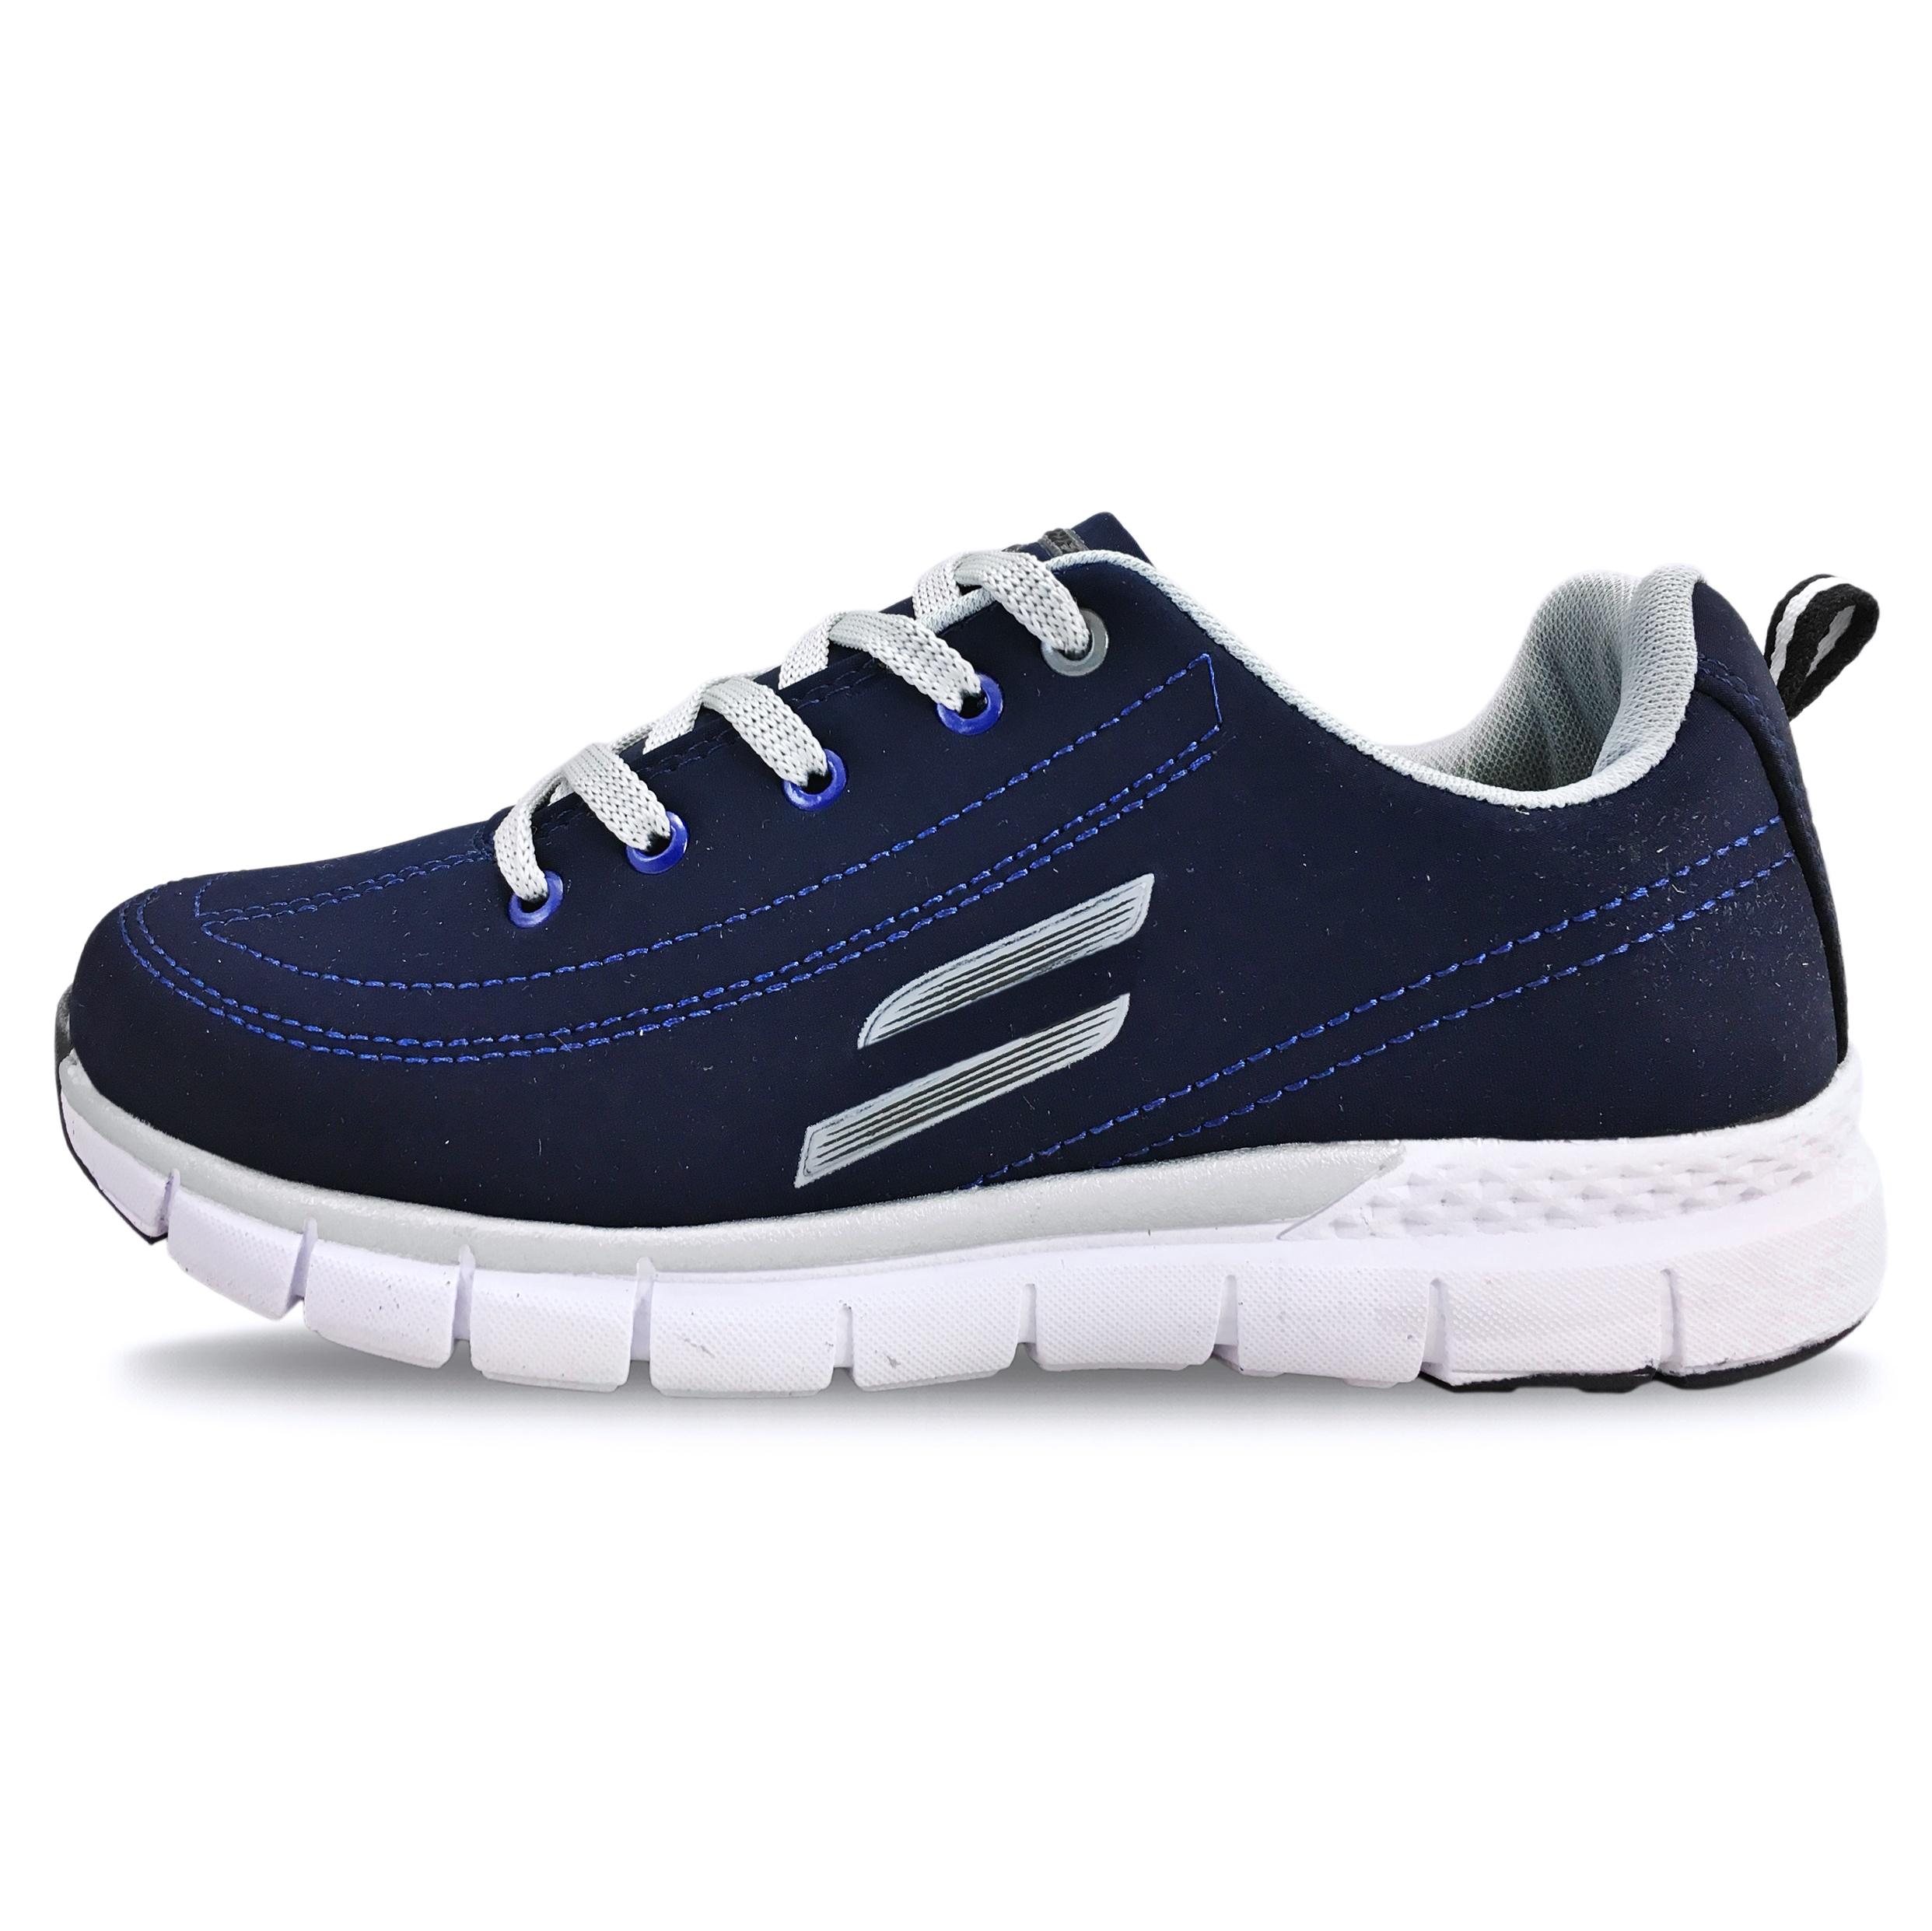 کفش مخصوص پیاده روی زنانه مدل میلاد کد 3618